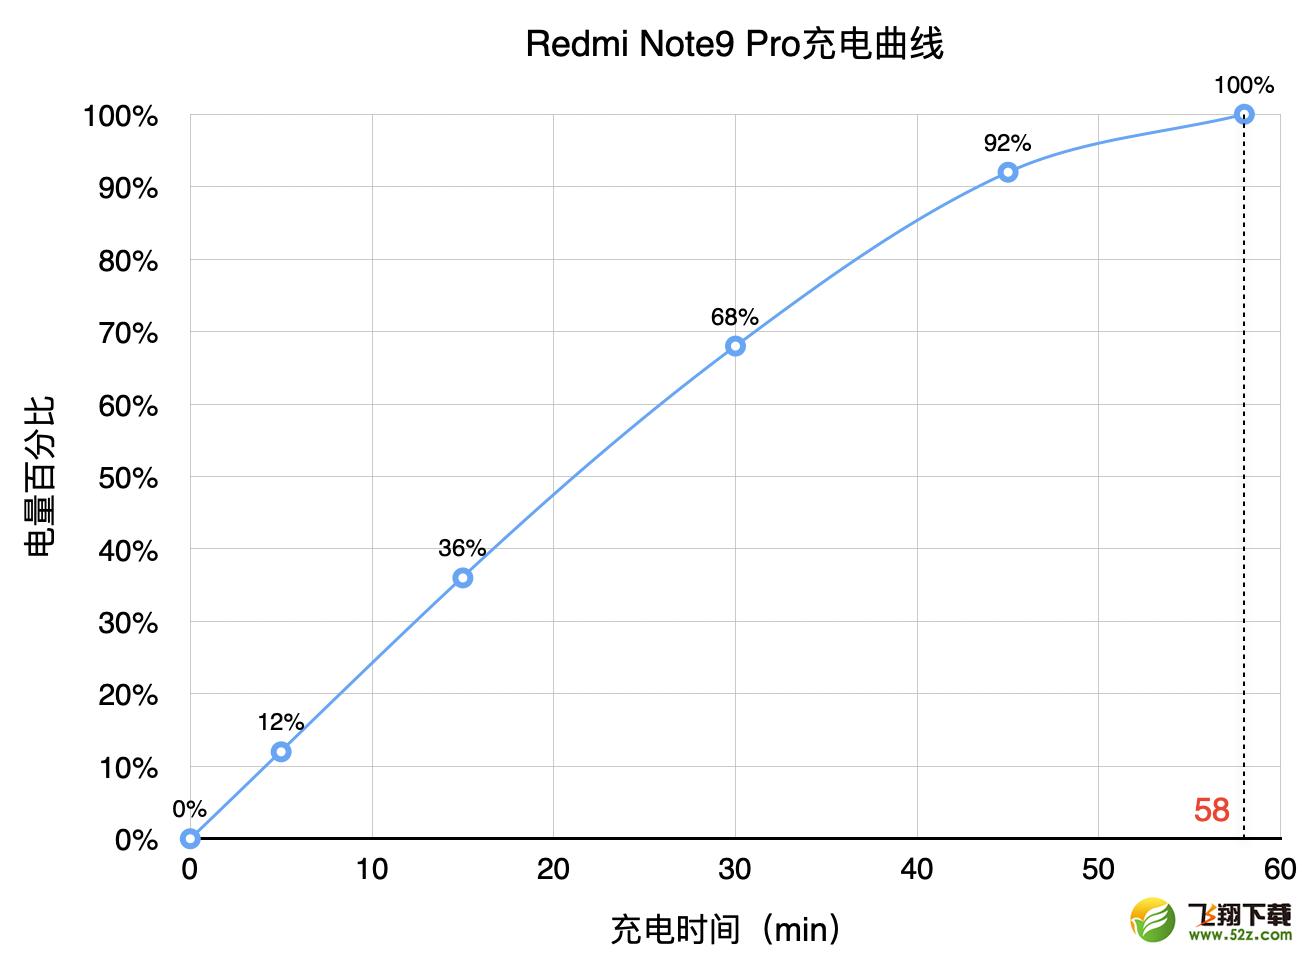 红米note9 pro使用体验全面实用评测_52z.com